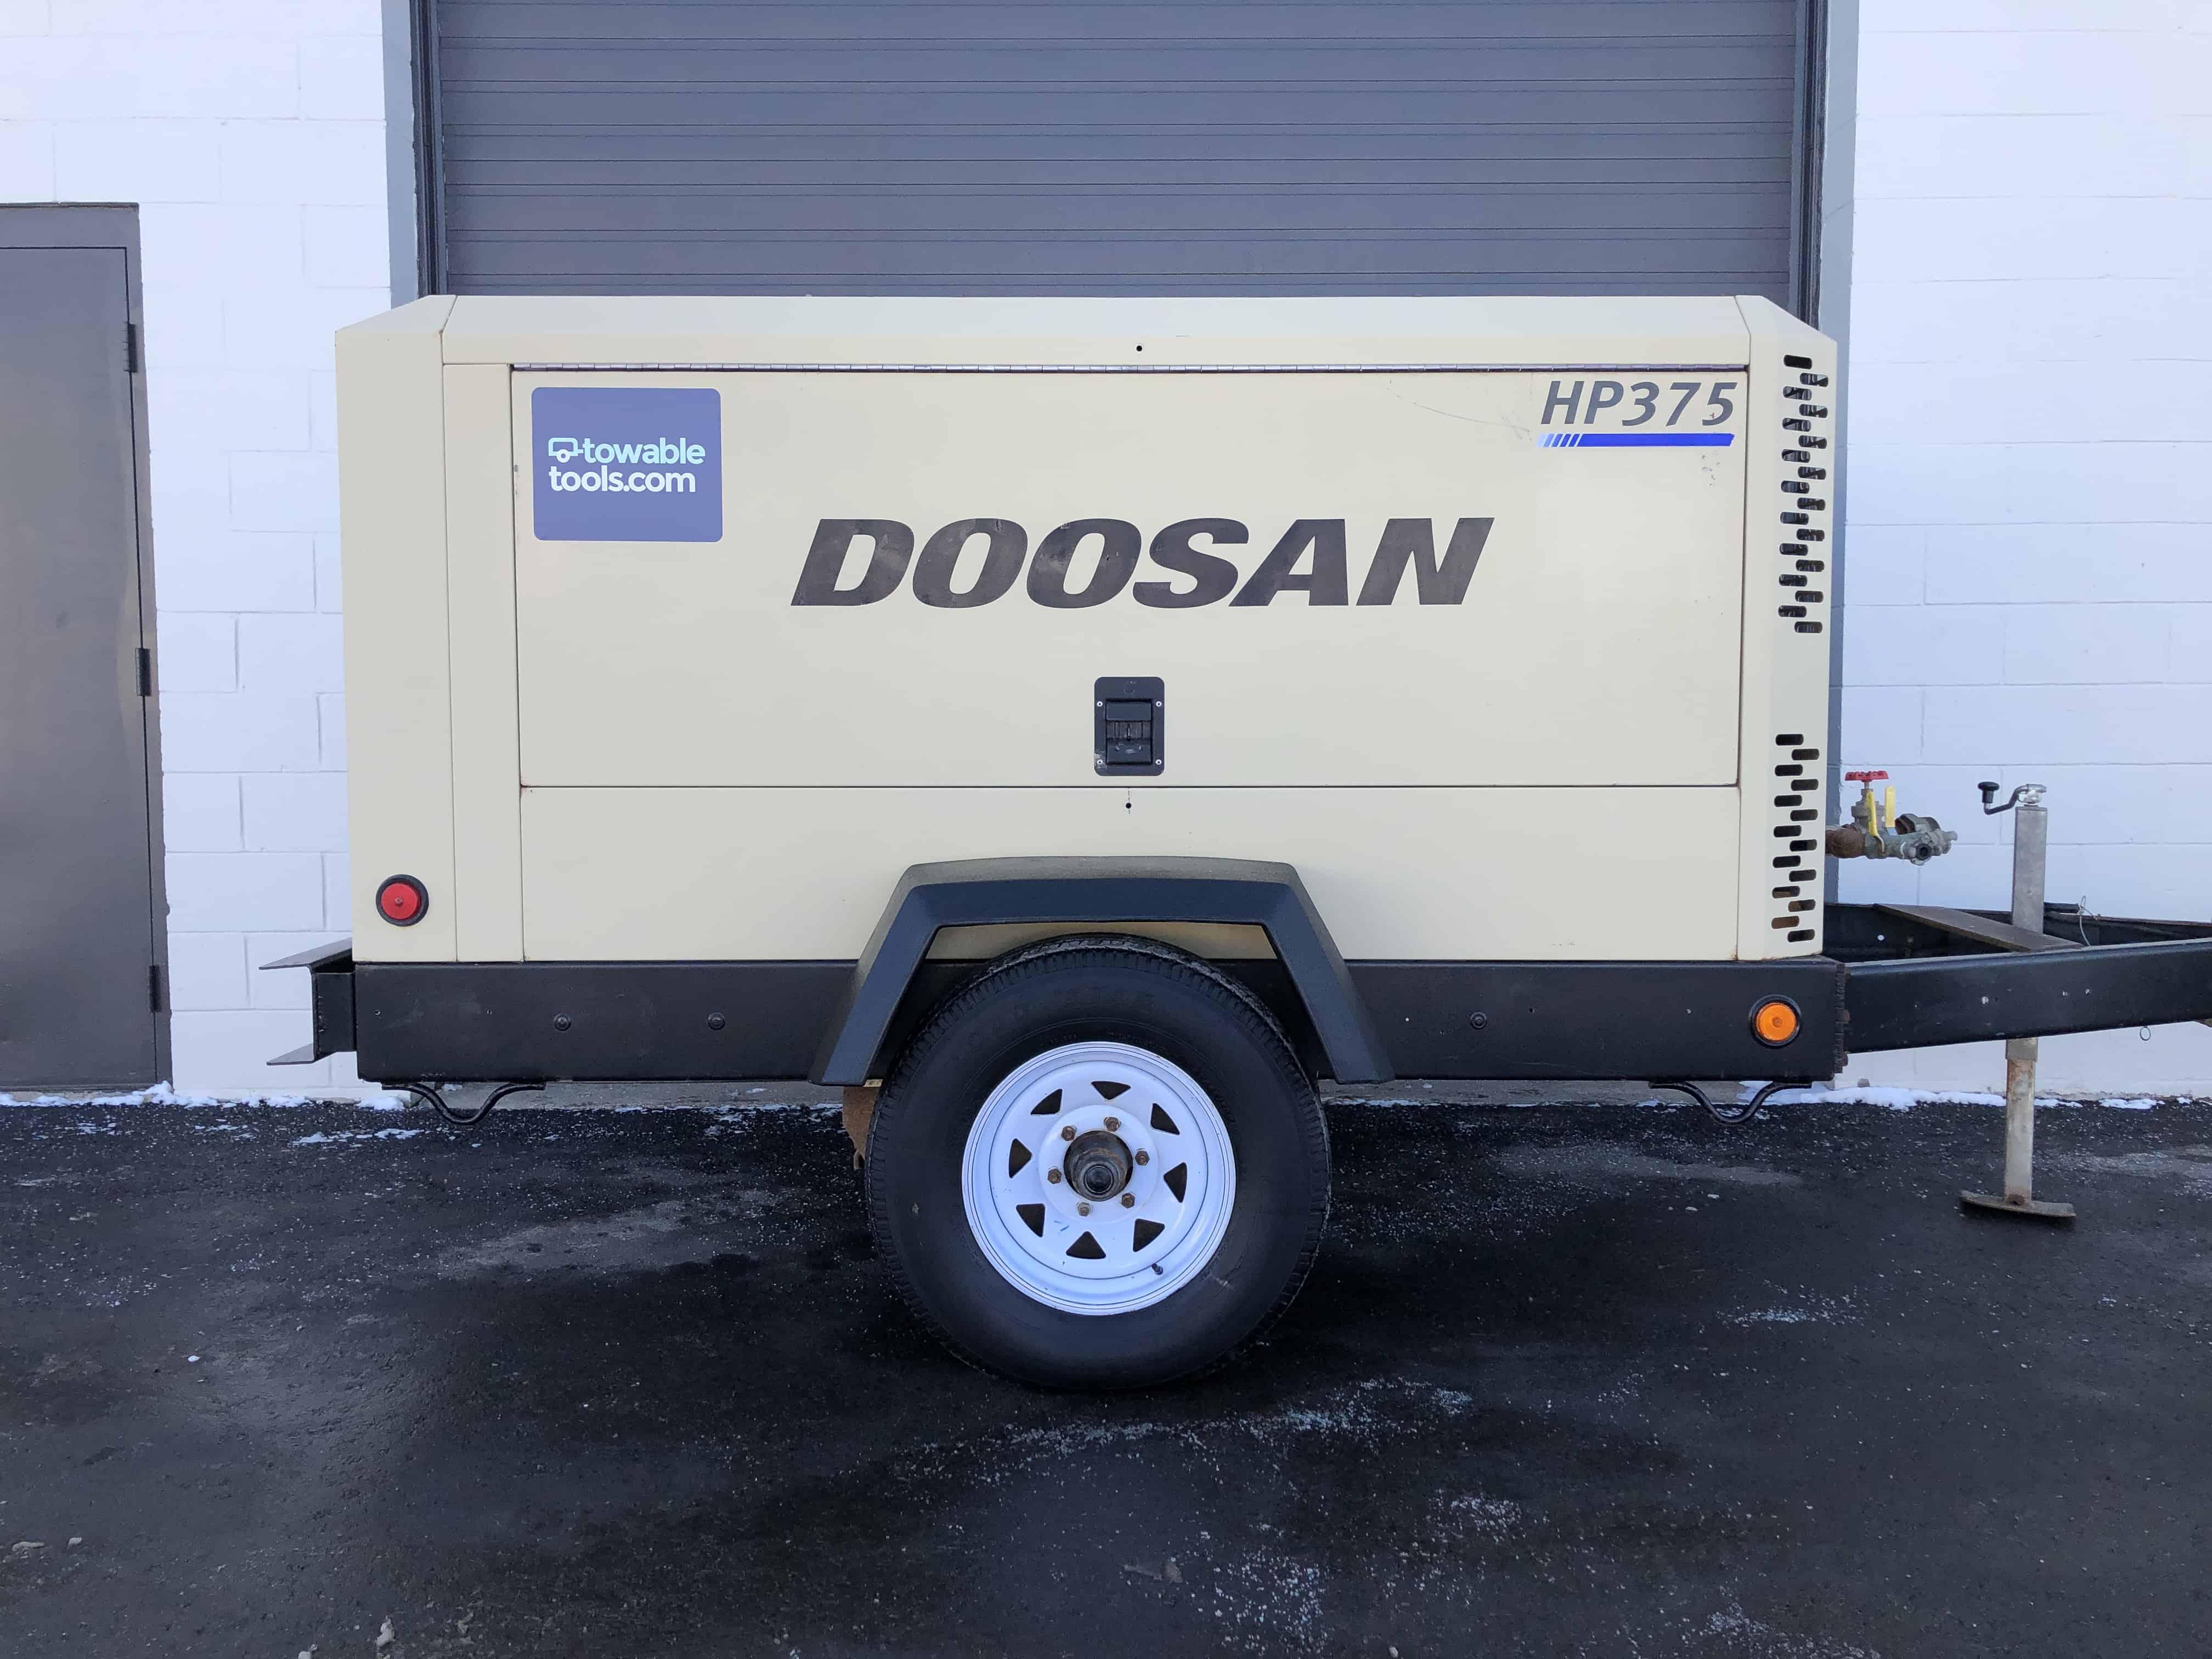 Doosan HP375 cfm diesel air compressor for sale at Towable Tools Canada